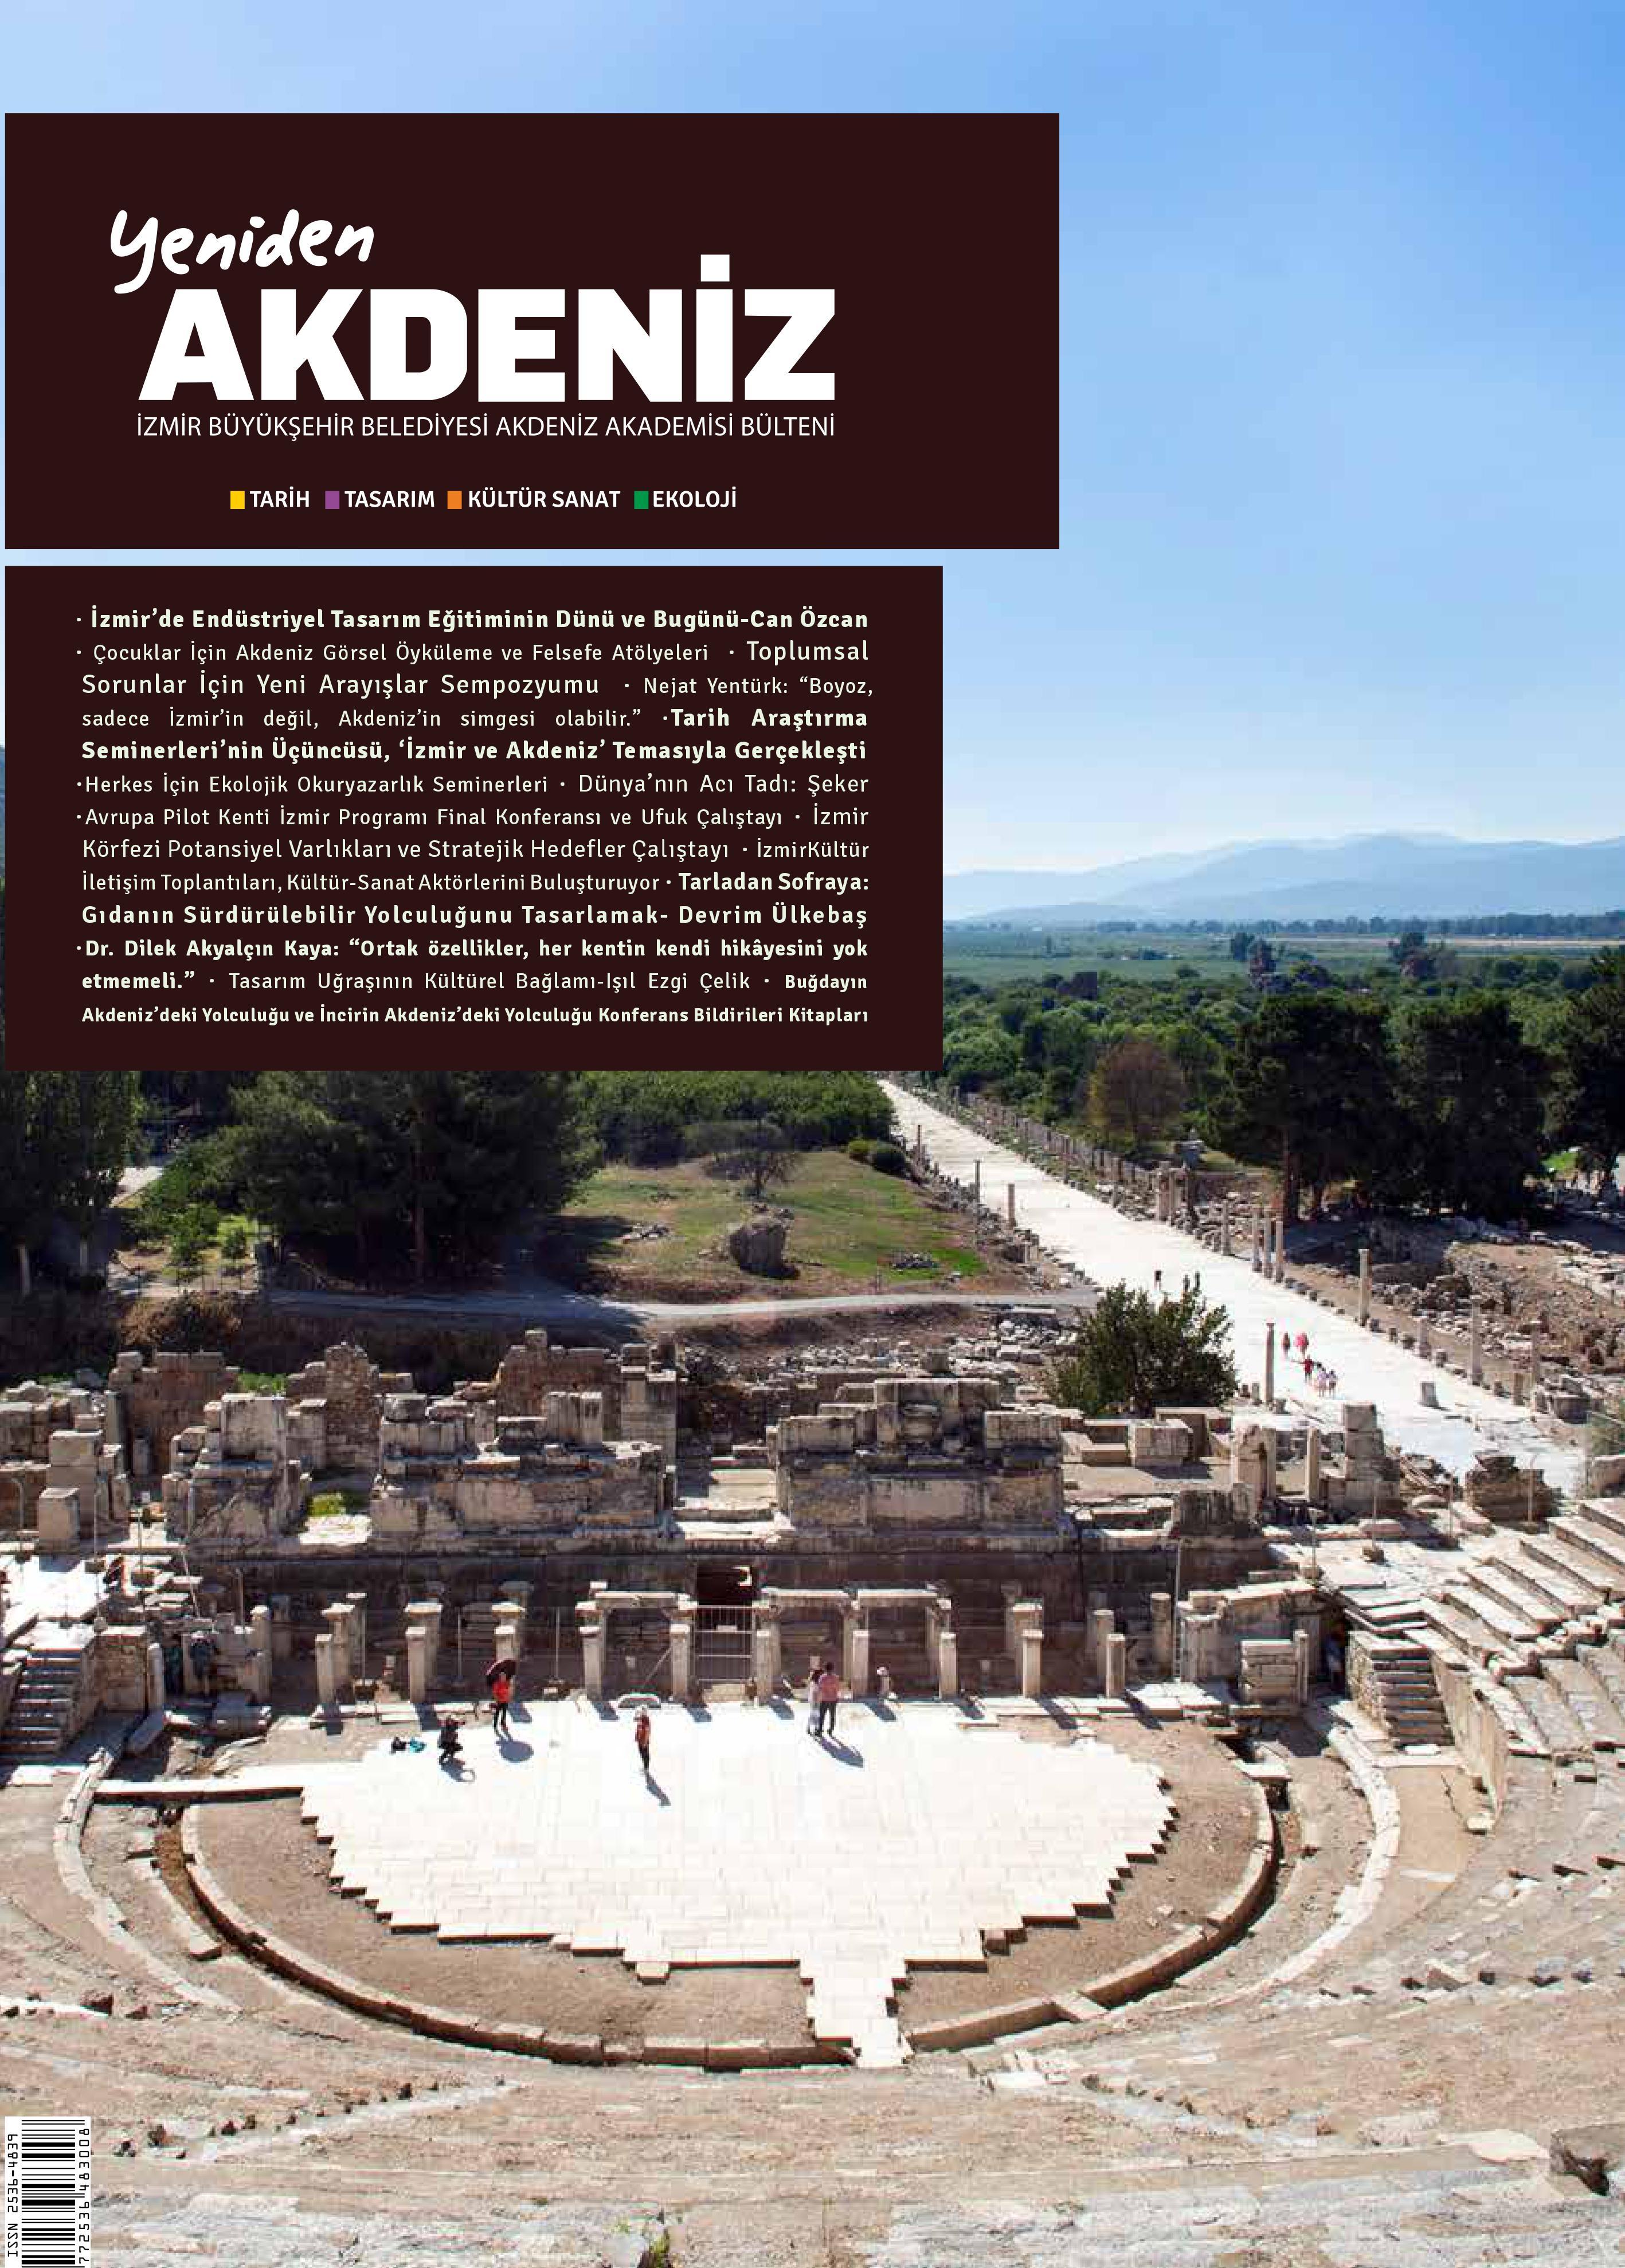 Yeniden Akdeniz 7